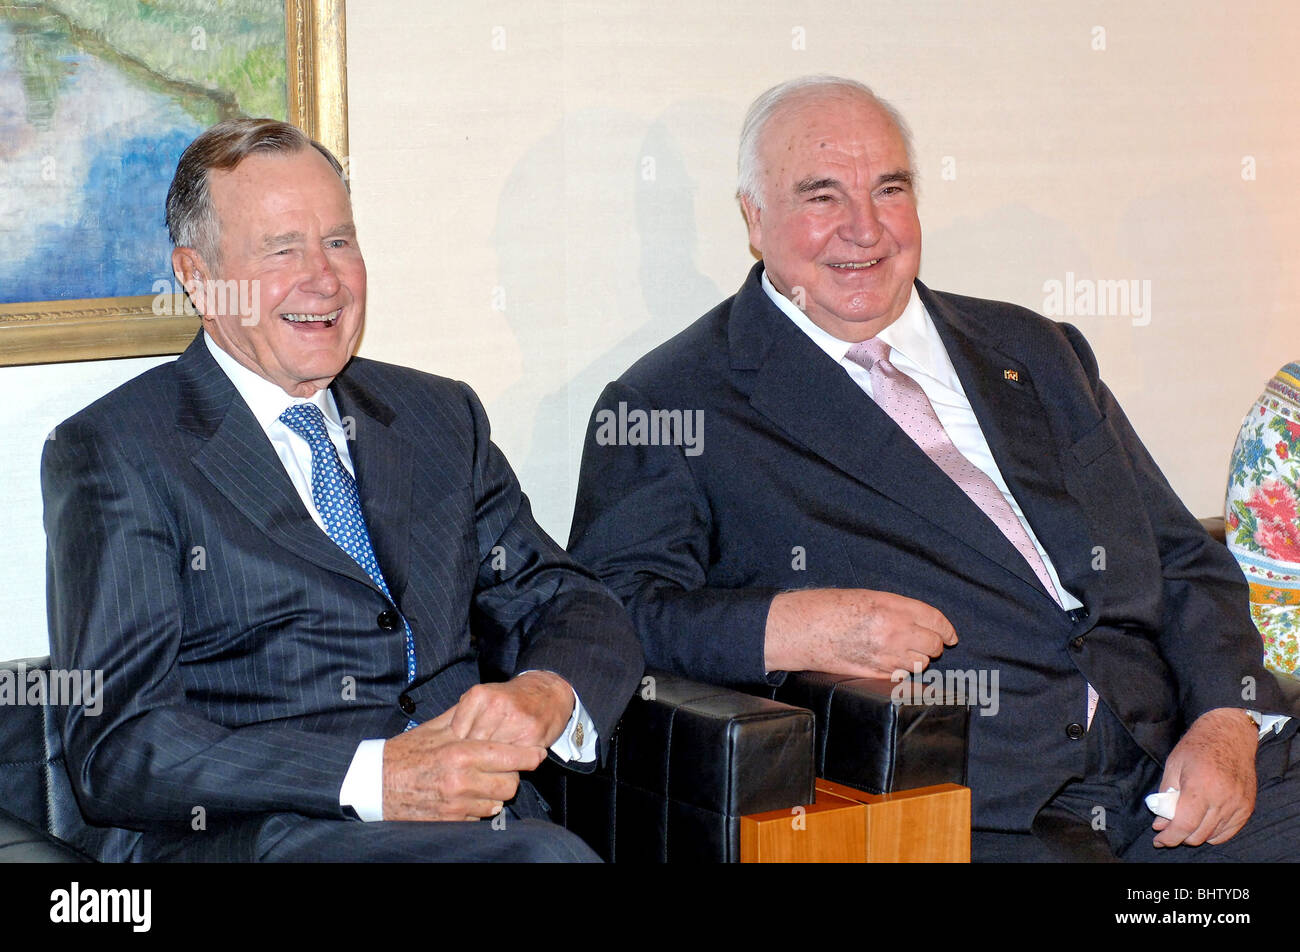 Αποτέλεσμα εικόνας για Helmut Kohl photo gallery